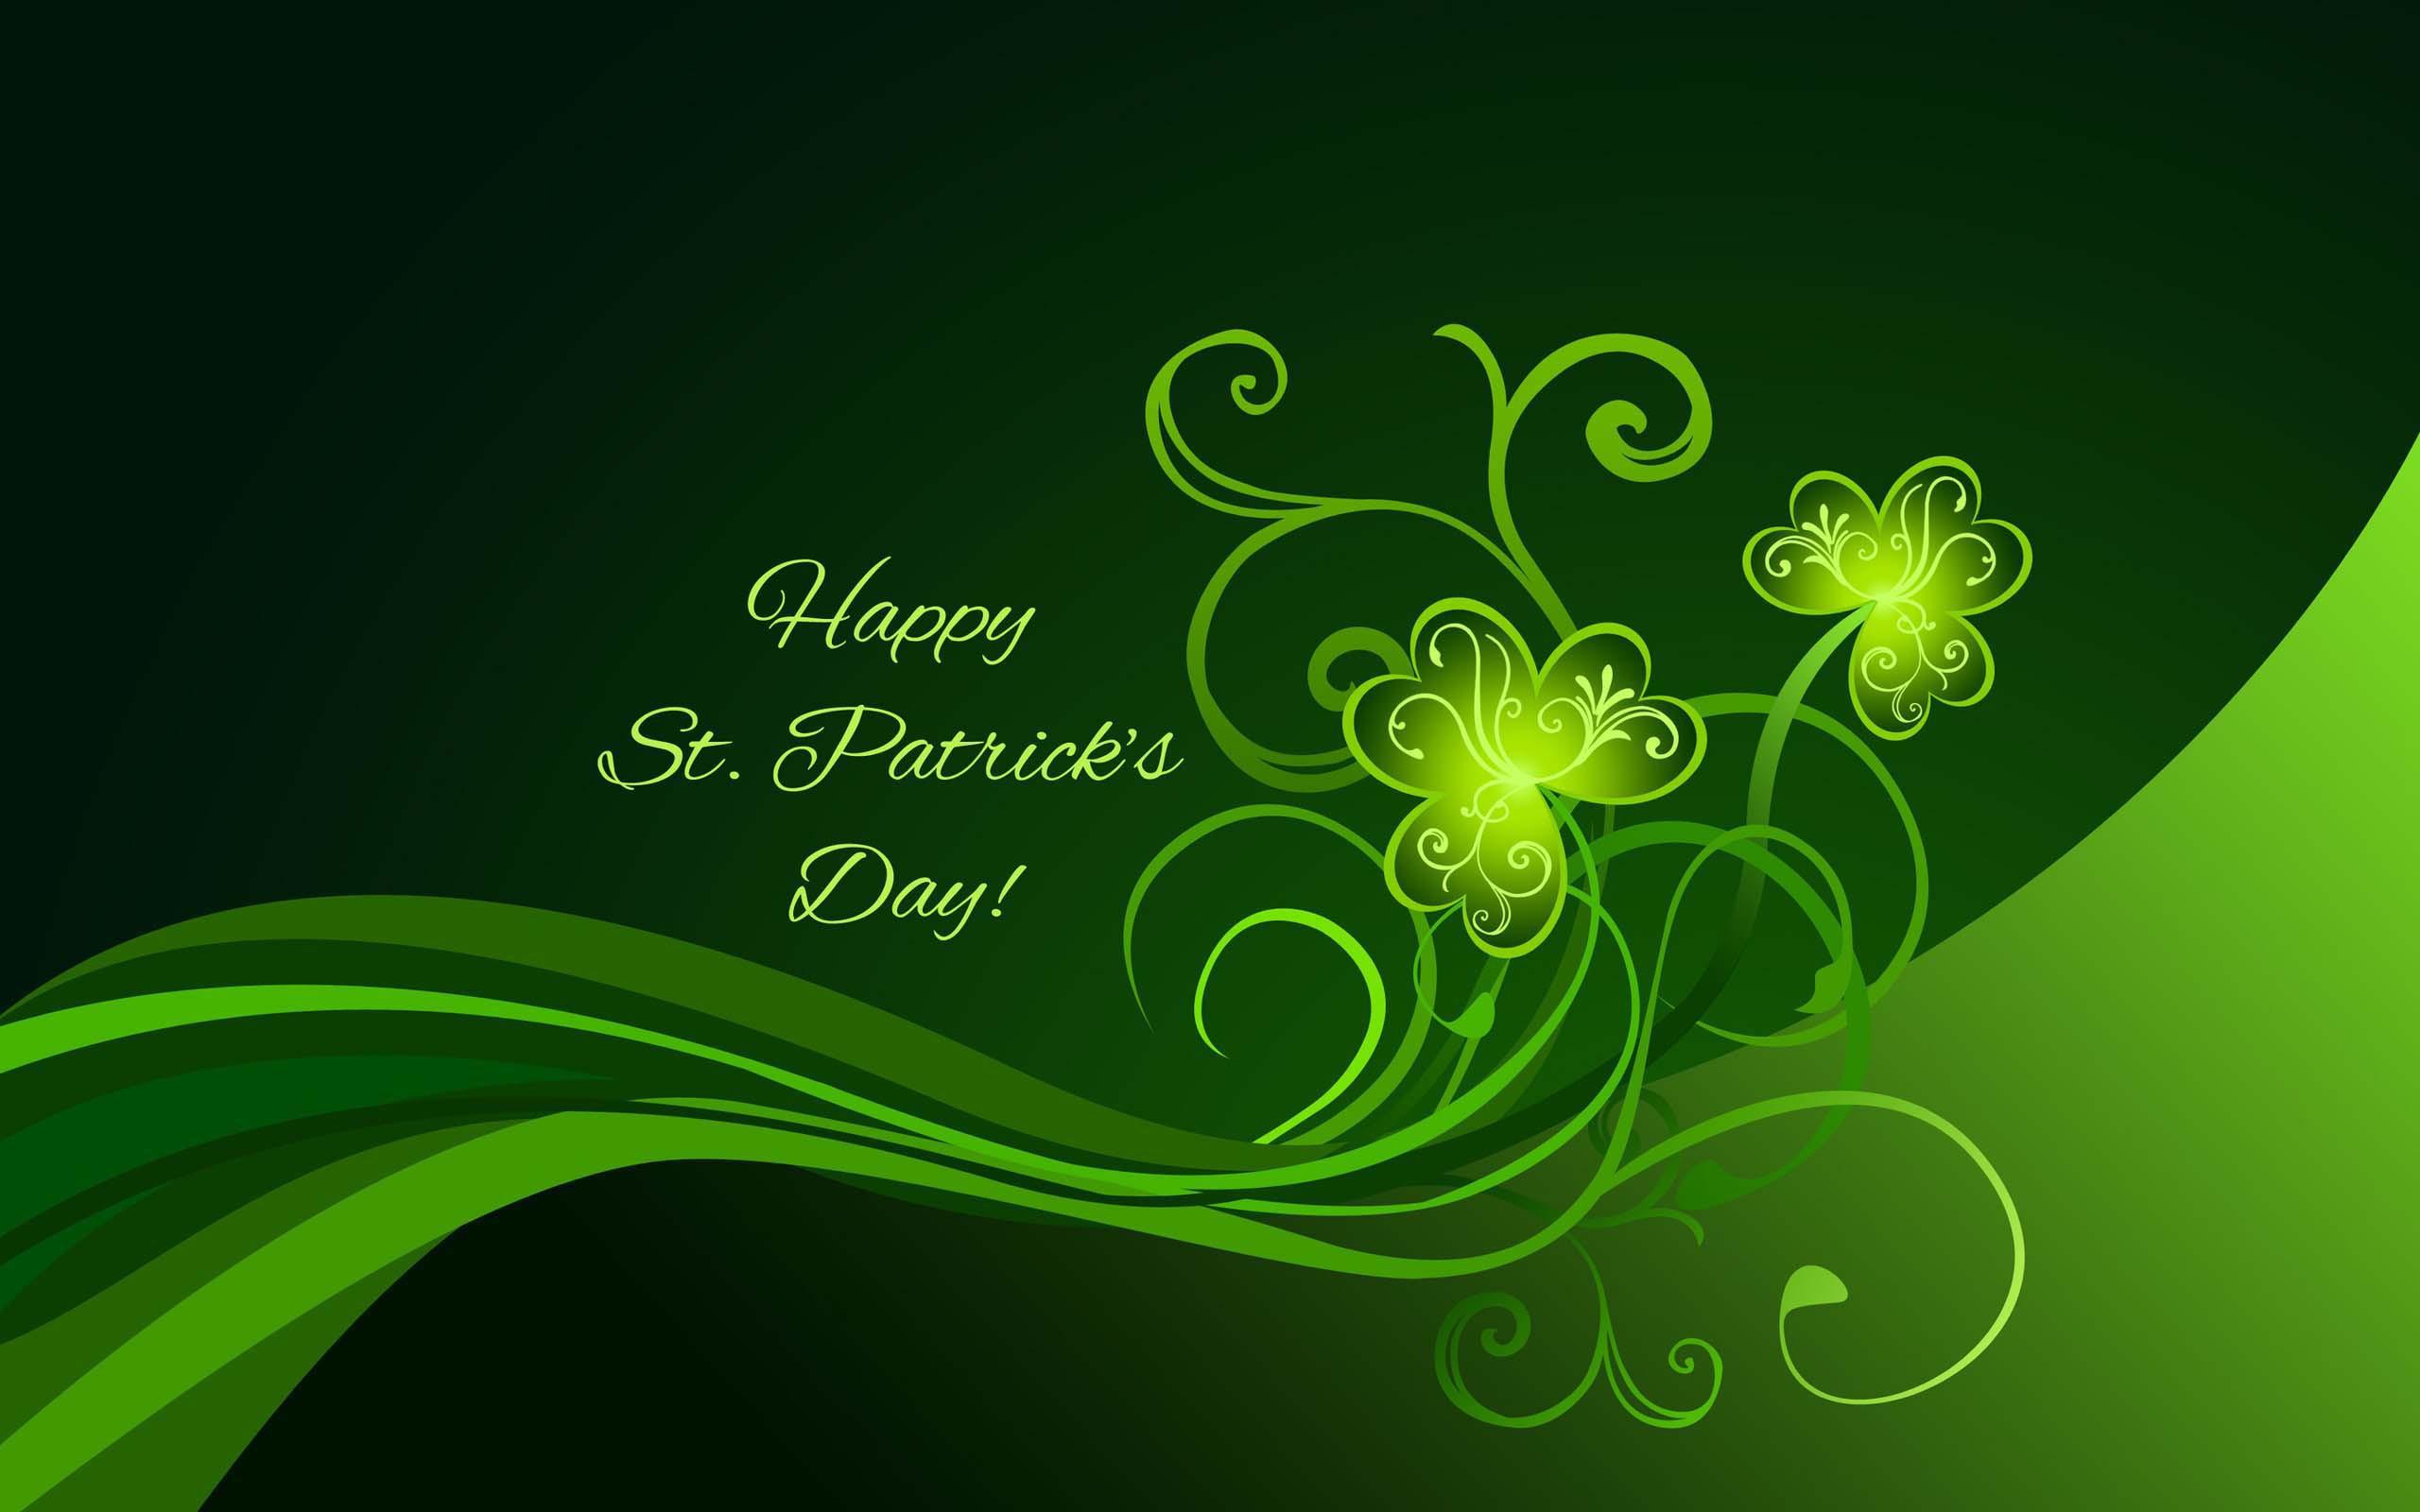 Saint Patrick's Day Images